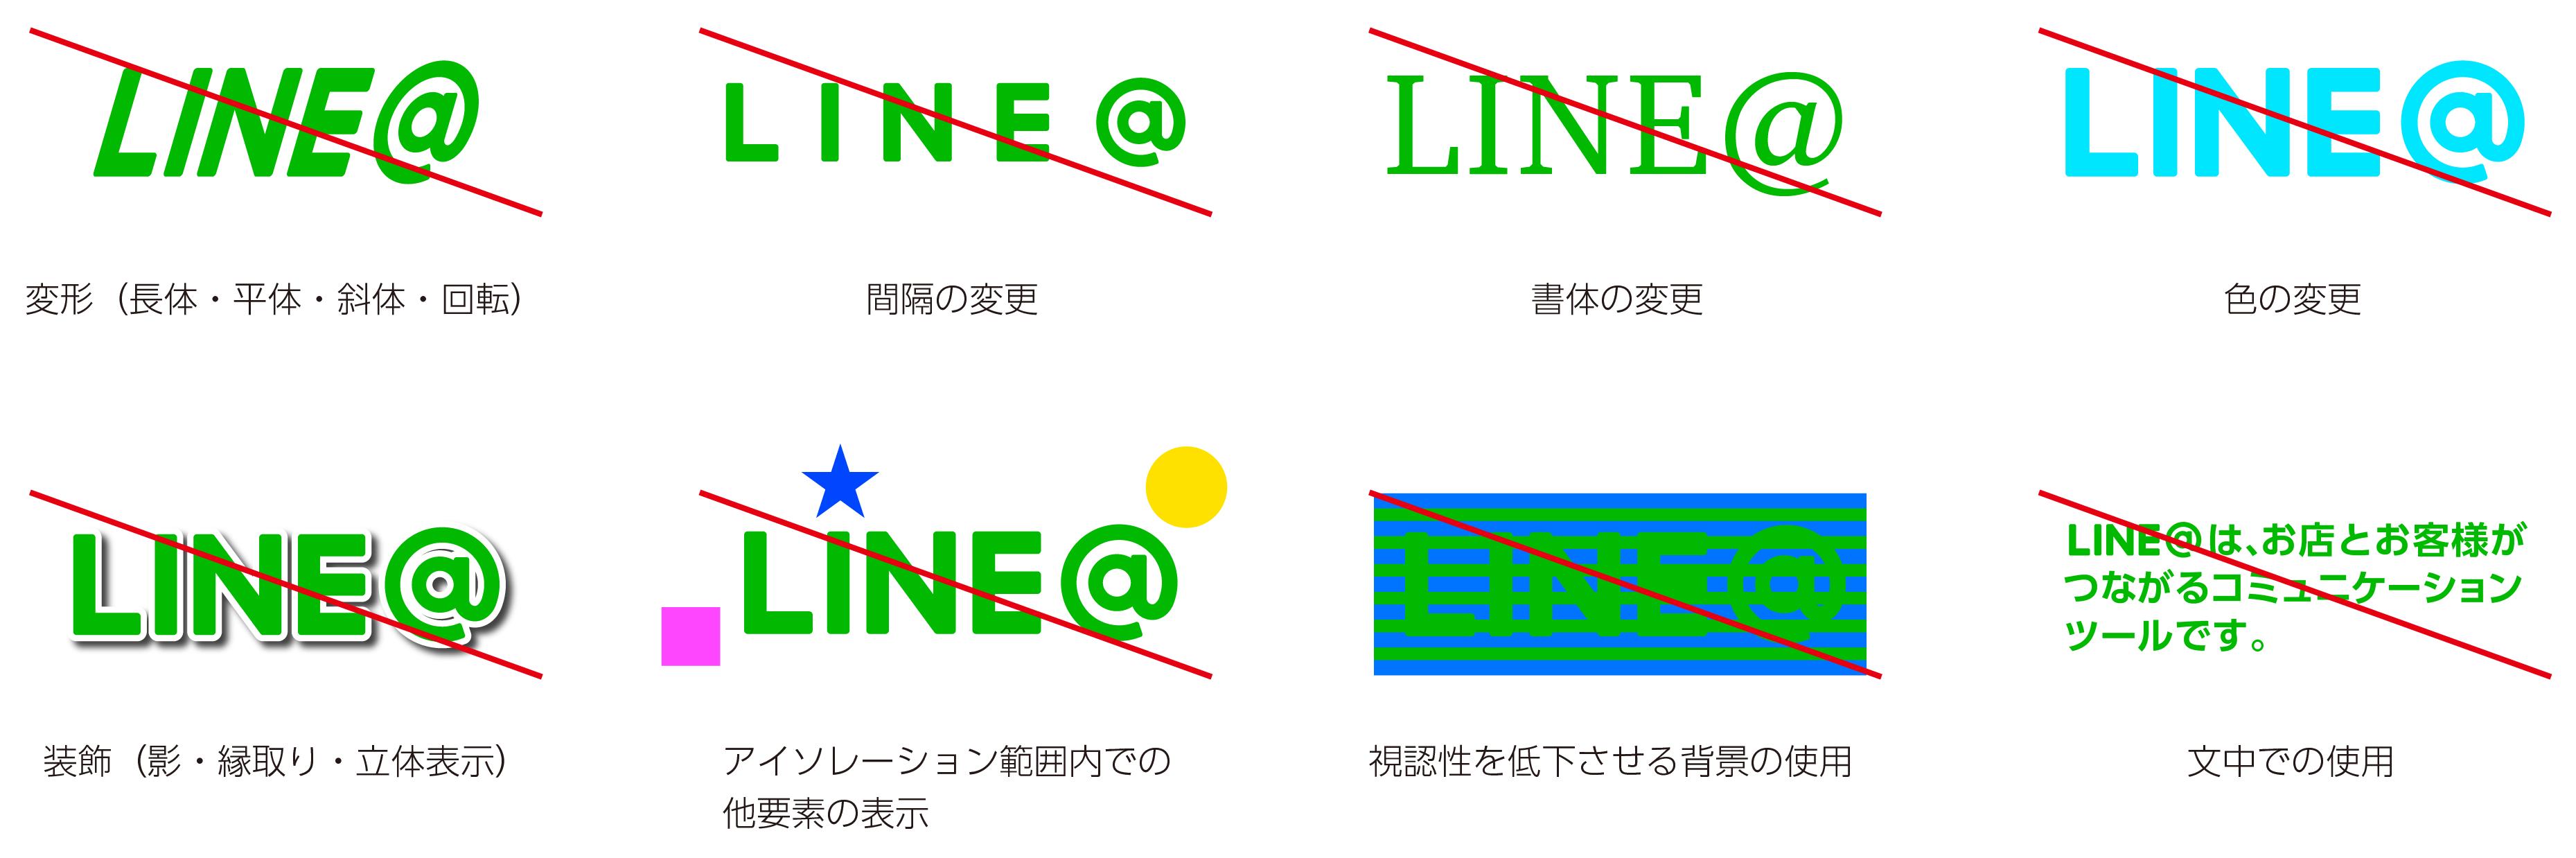 × 長体をかける/平体をかける/パースをかける/回転させる/複数同時に使用する/立体化する/色を変える/文章の一部に使う